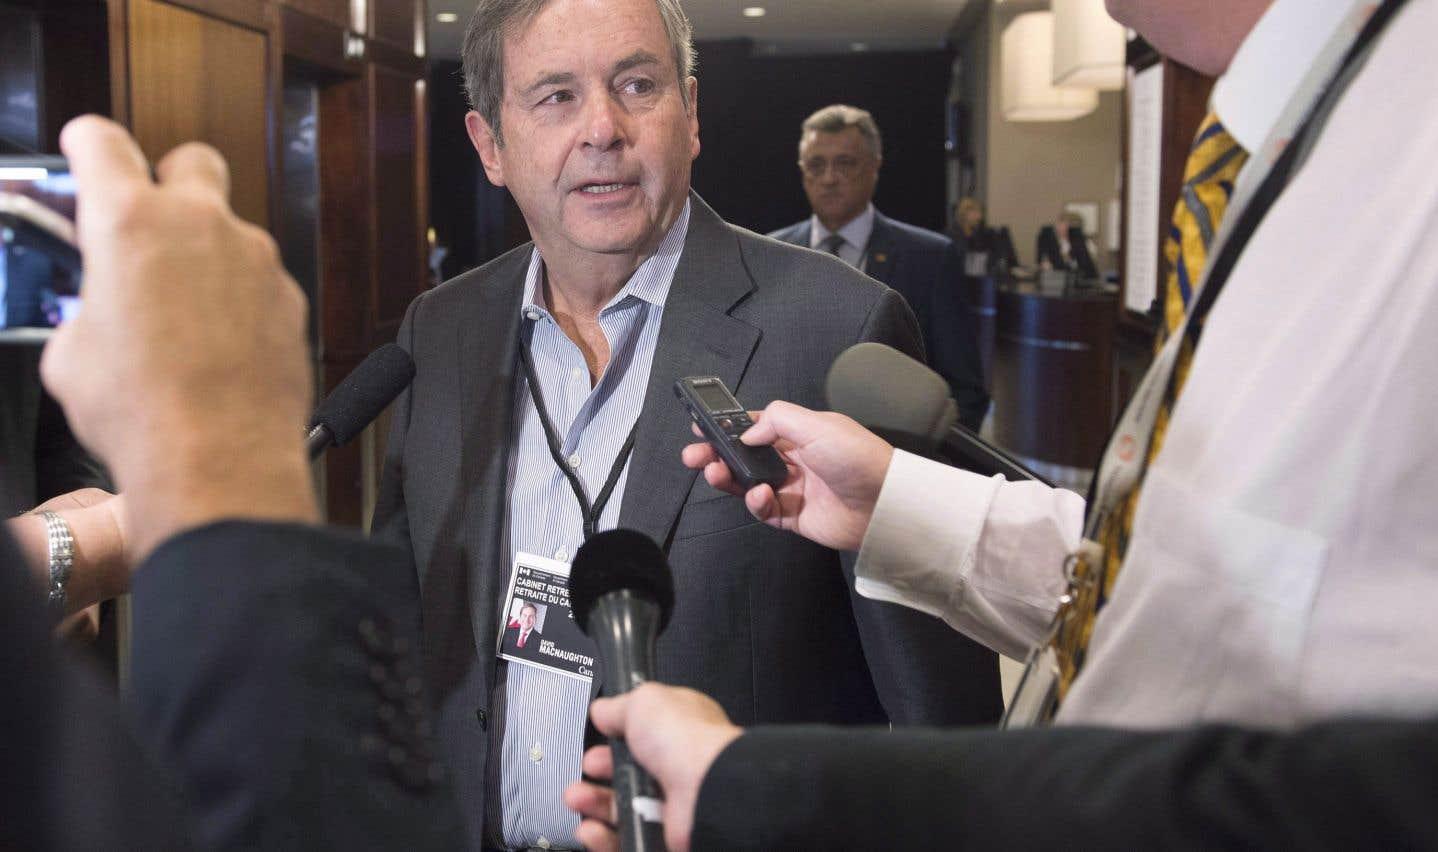 L'ambassadeur canadien David MacNaughton a expliqué que la rhétorique protectionniste du président Trump et d'autres voix aux États-Unis encourage les compagnies américaines à se lancer dans une guérilla commerciale.